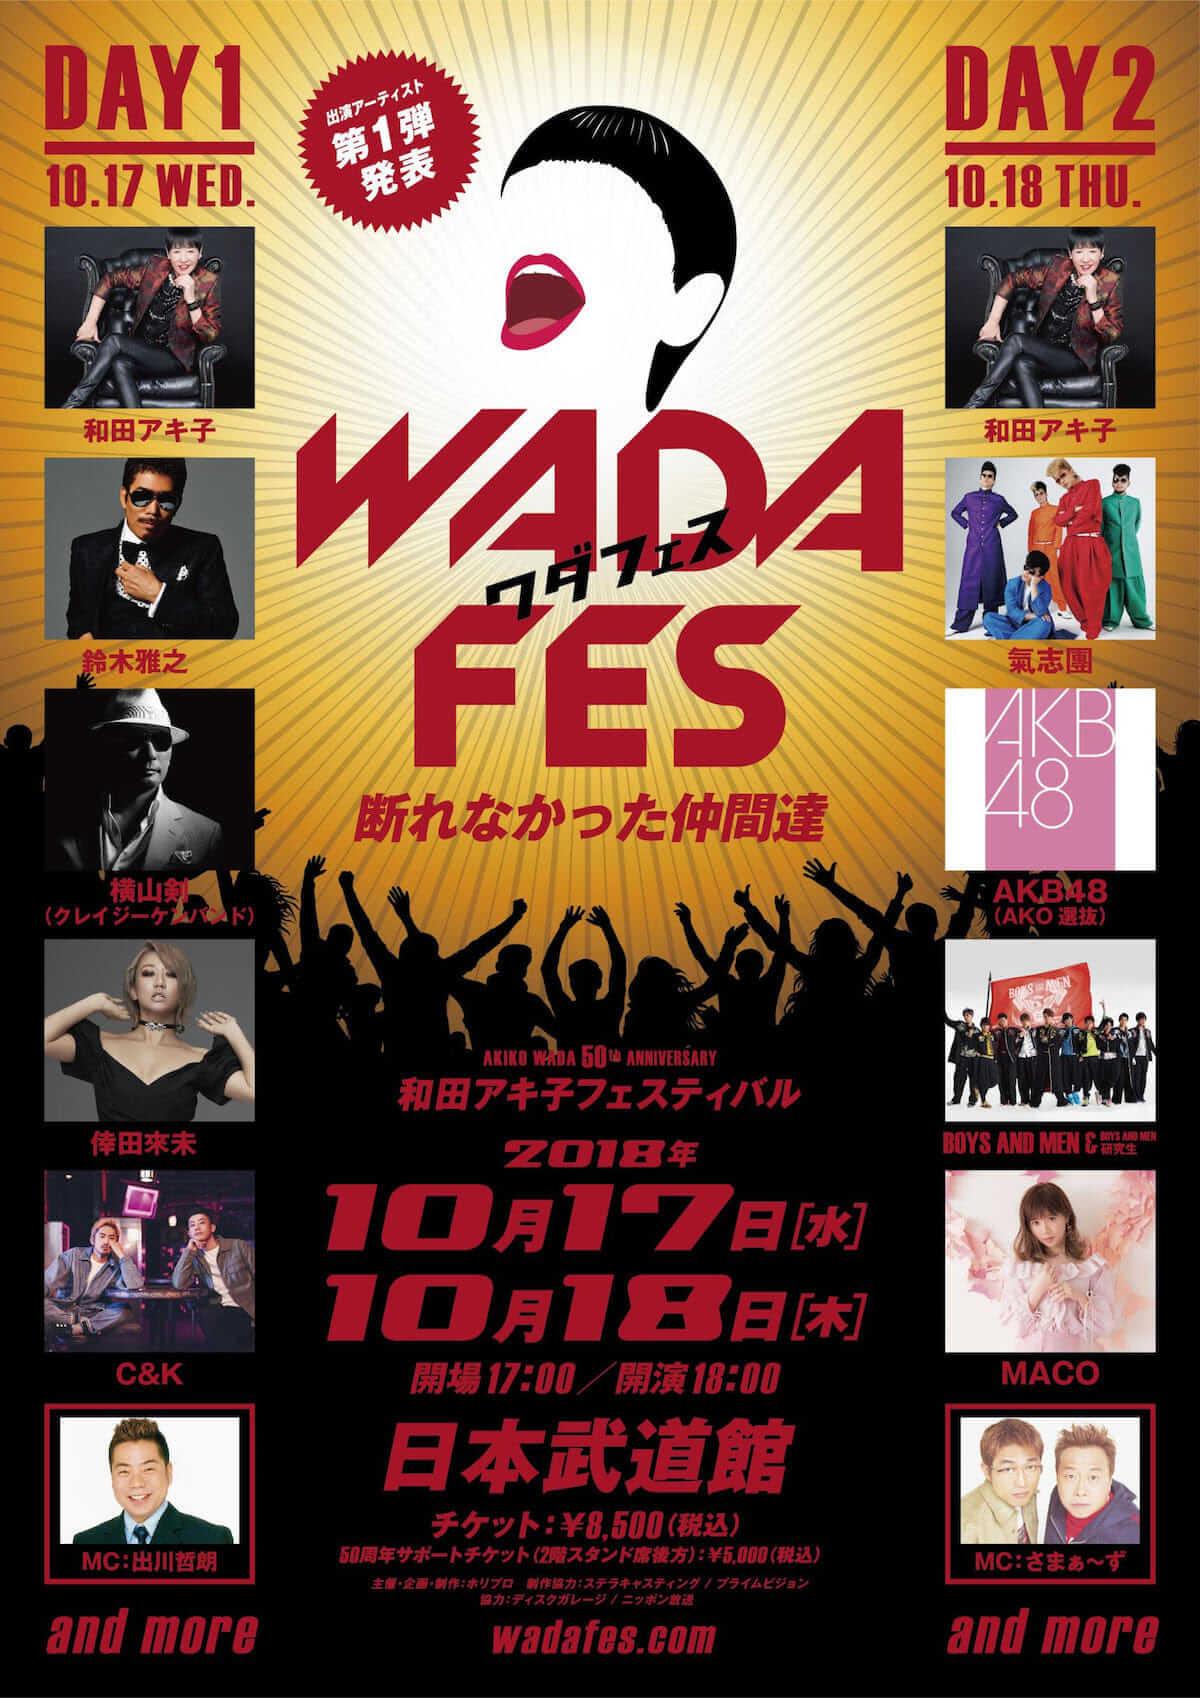 和田アキ子主催フェス「WADA fes~断れなかった仲間達~」が10月に武道館で開催決定|さまぁ~ずや出川哲朗、鈴木雅之、倖田來未、氣志團ら登場 music180720_wadafes_1-1200x1698